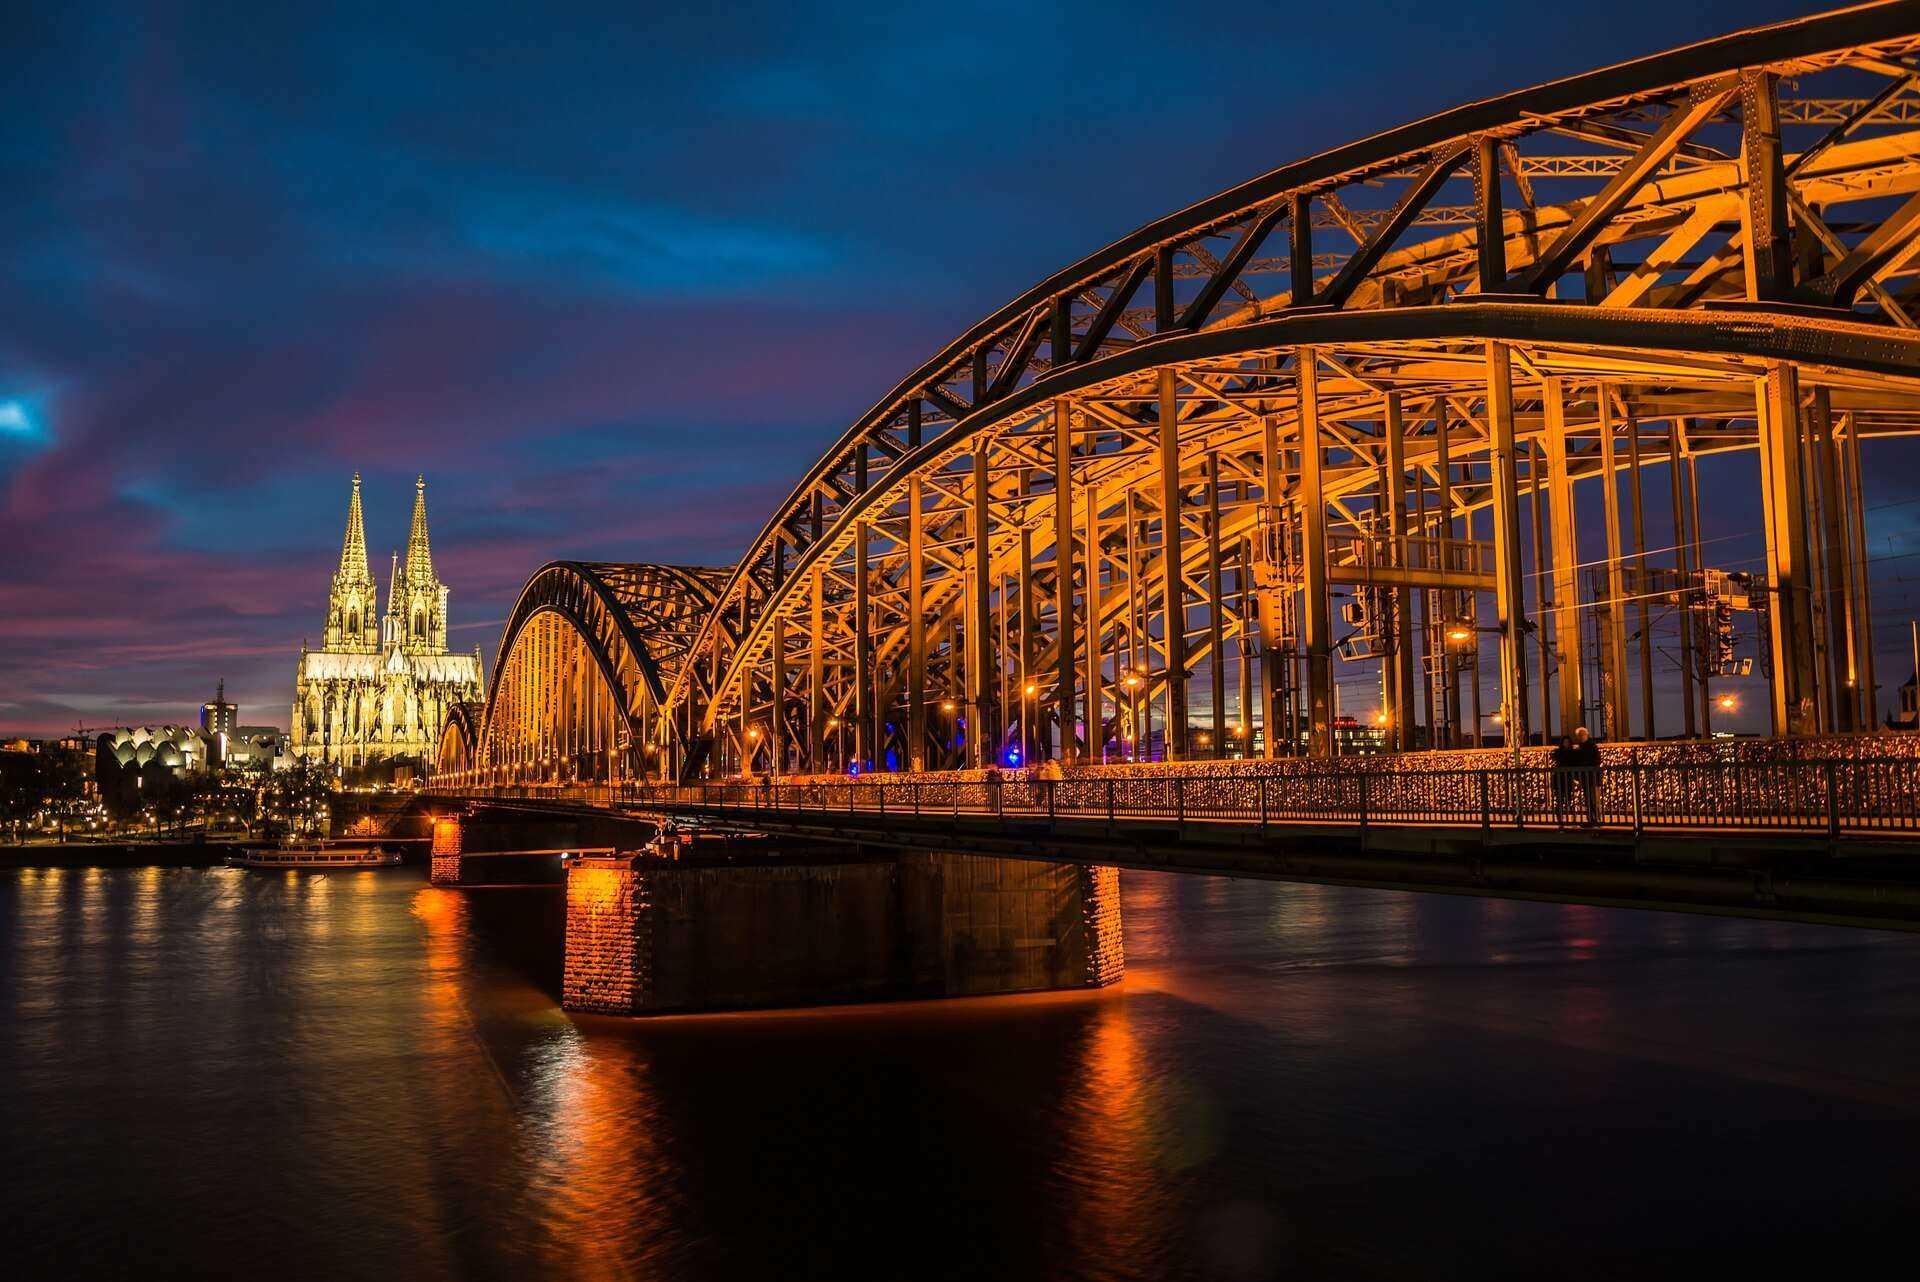 Direktflüge und Billigflüge nach Köln/Bonn